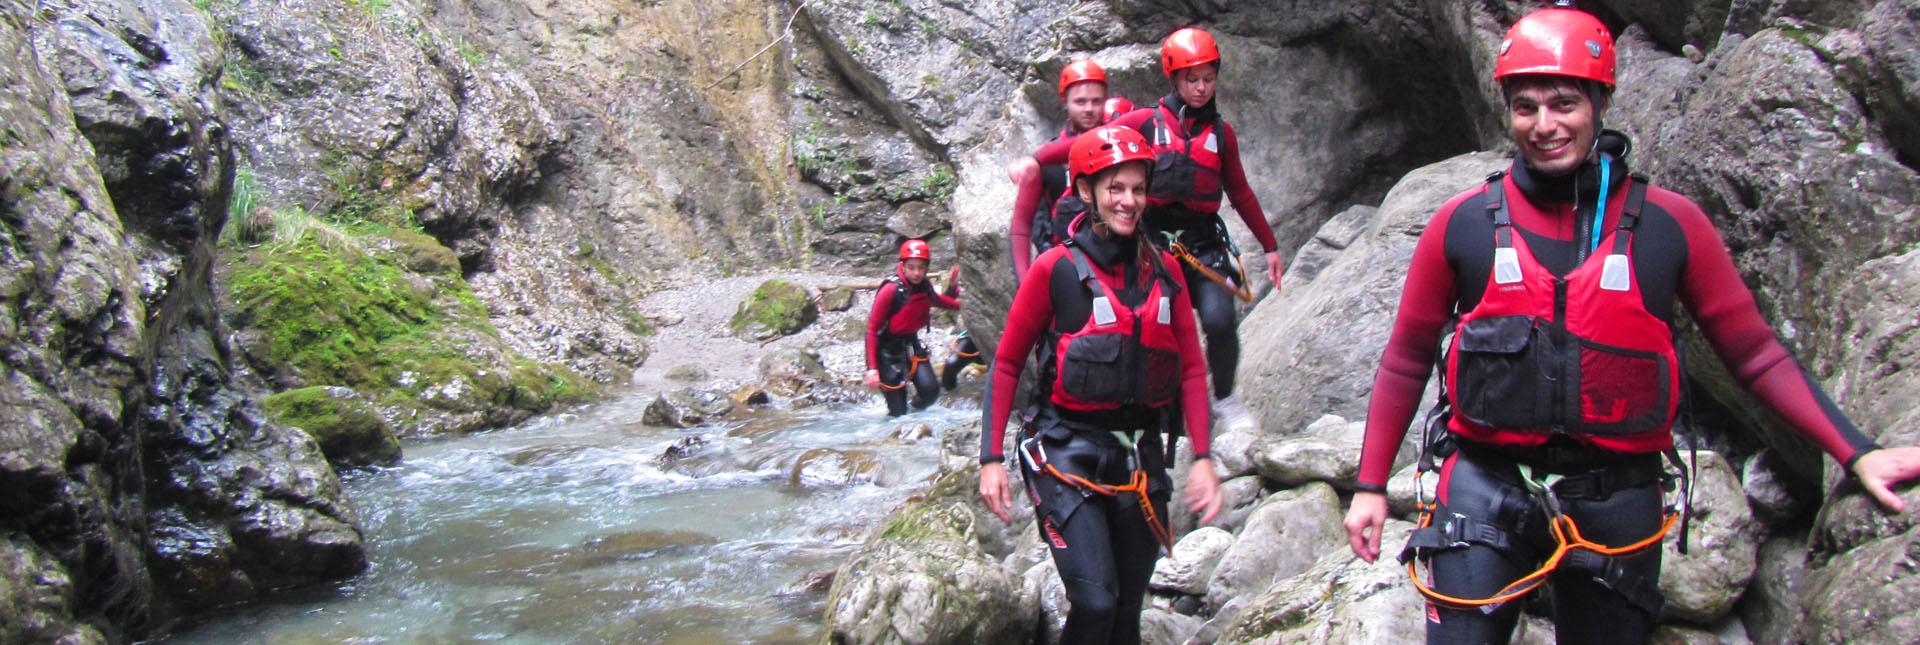 canyoning-trentino-sport-dolomiti-lago-di-ledro-lago-di-garda-2